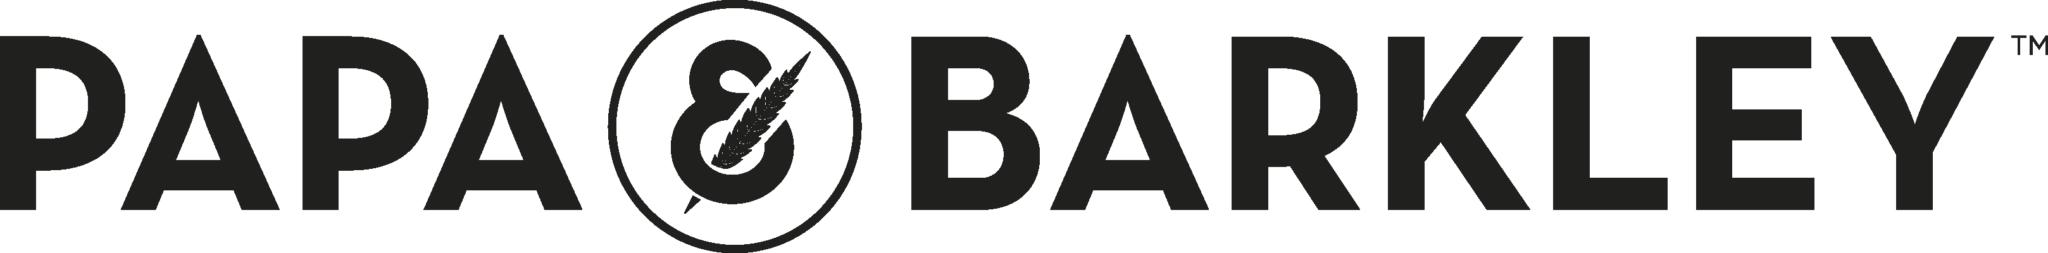 Papa & Barkley 2019